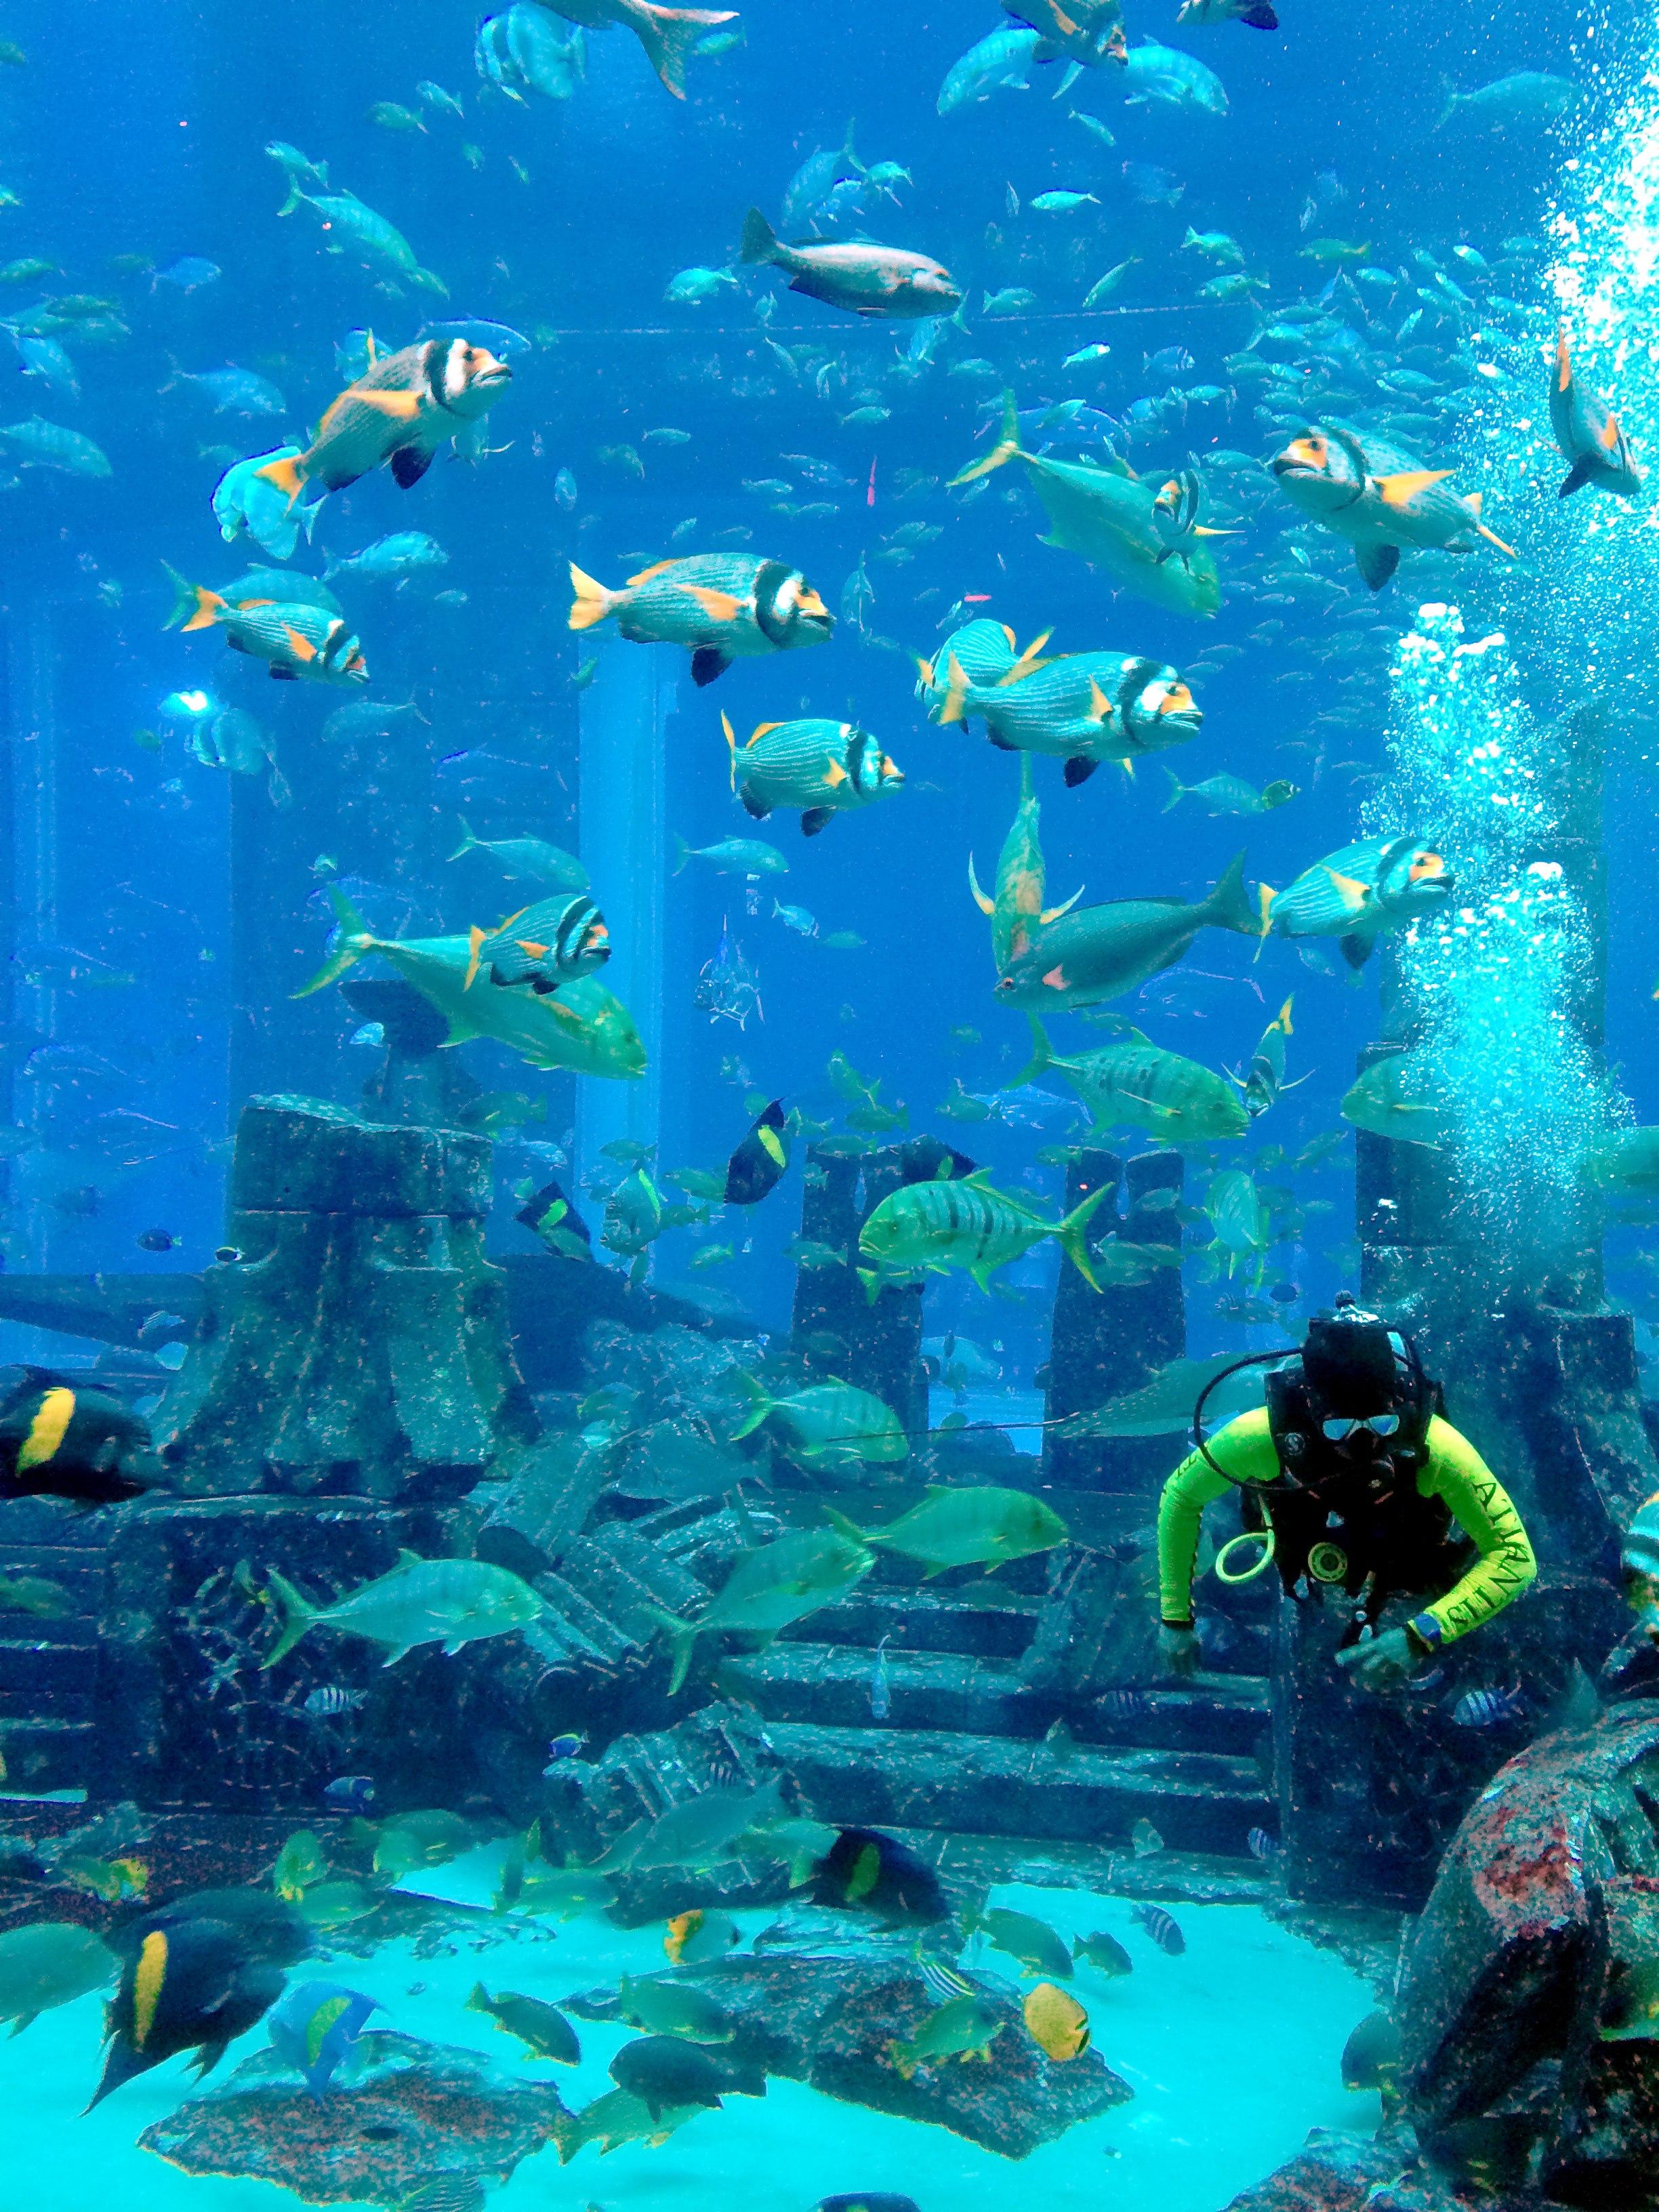 The Atlantis Aquarium